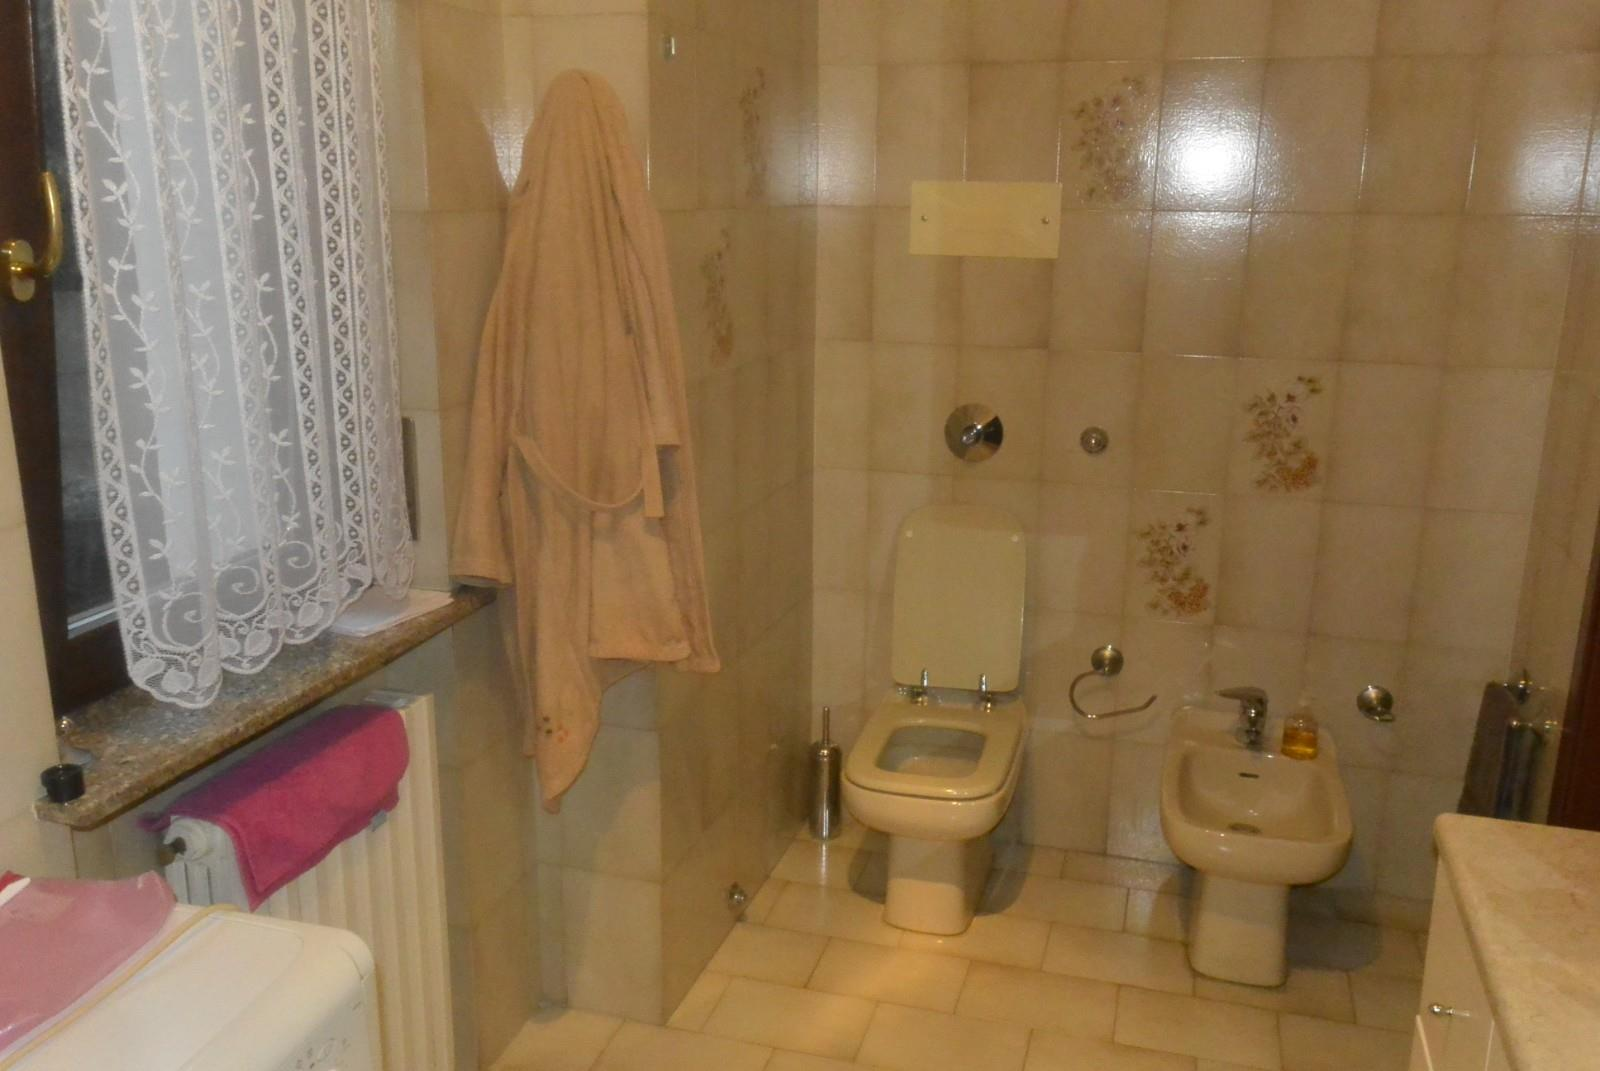 Foto 14 - Appartamento in Vendita - Meda (Monza e Brianza)